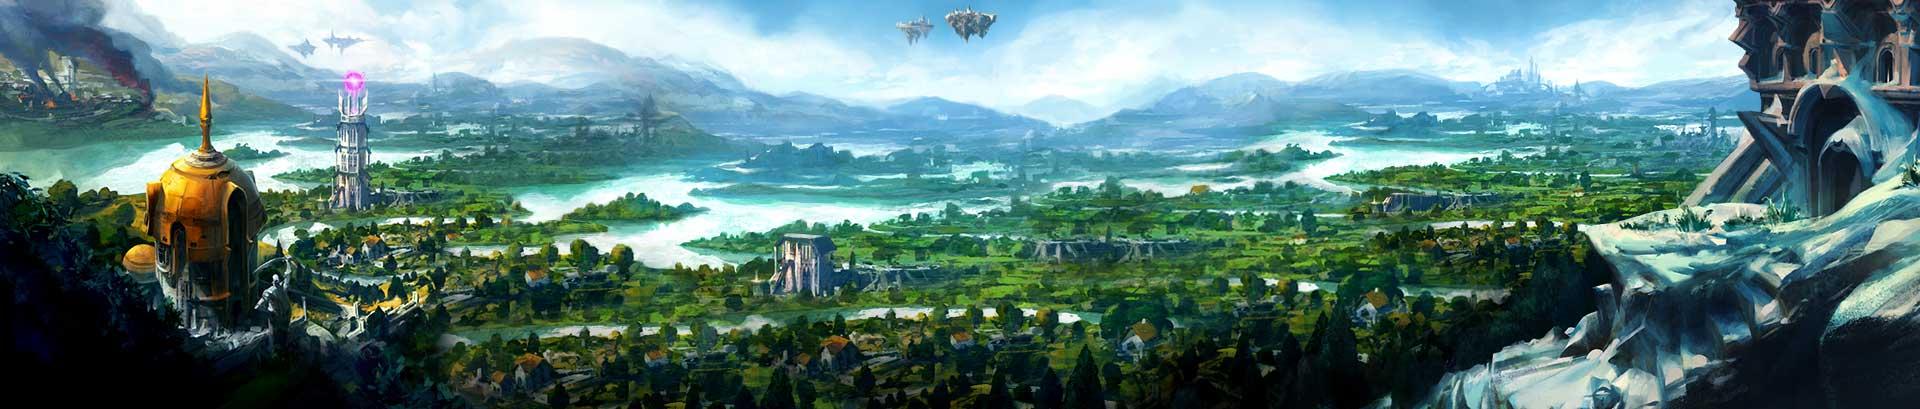 Panorama de RuneScape